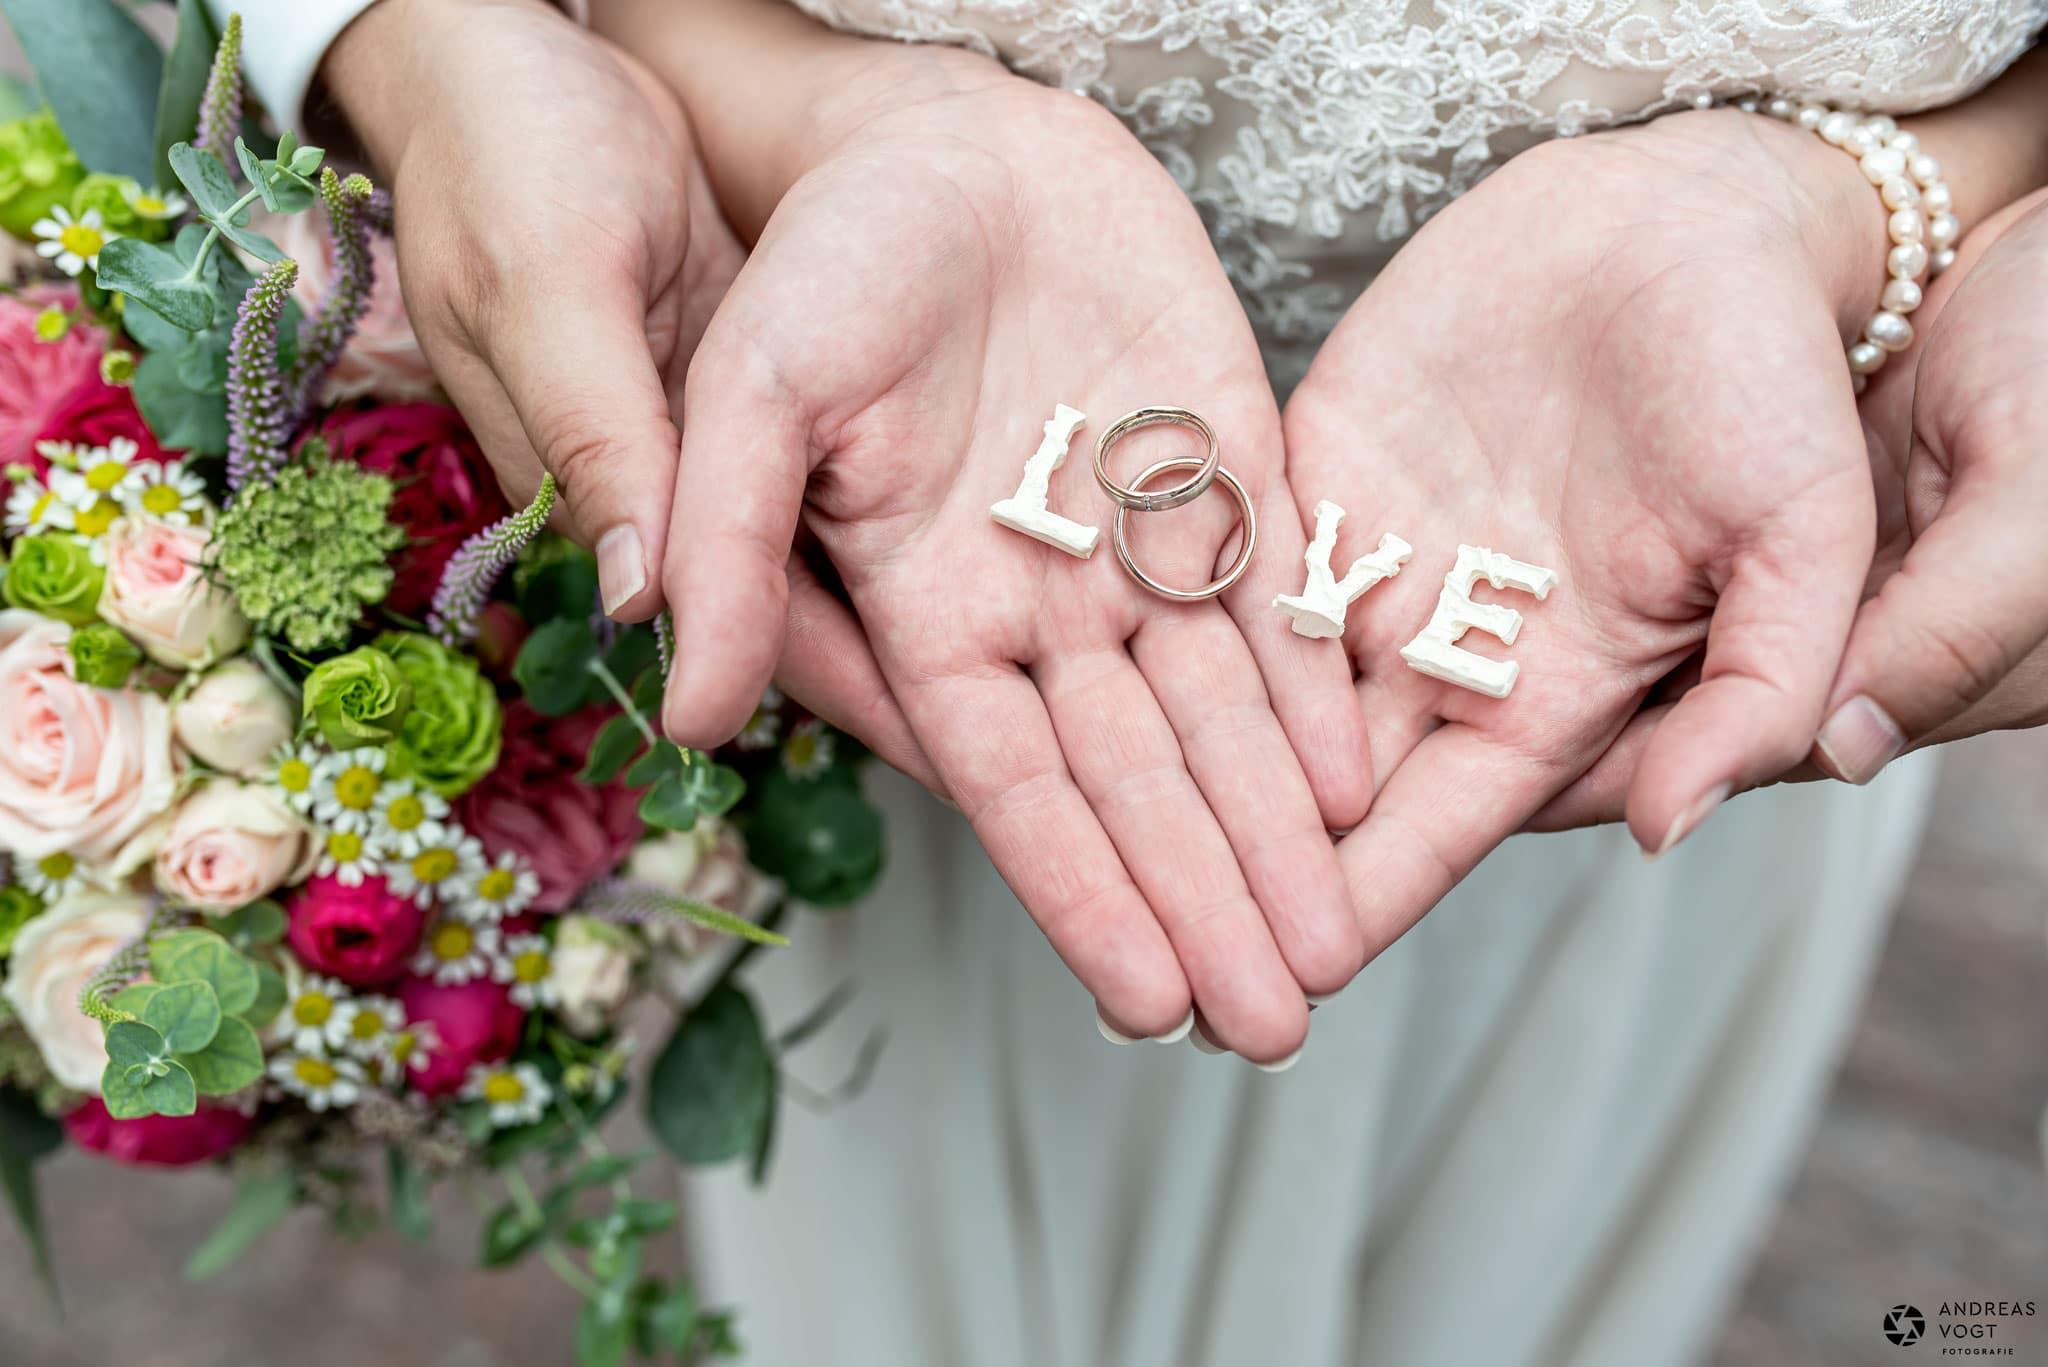 Brautpaar mit Ringe in der Hand - Hochzeitsfotograf Andreas Vogt